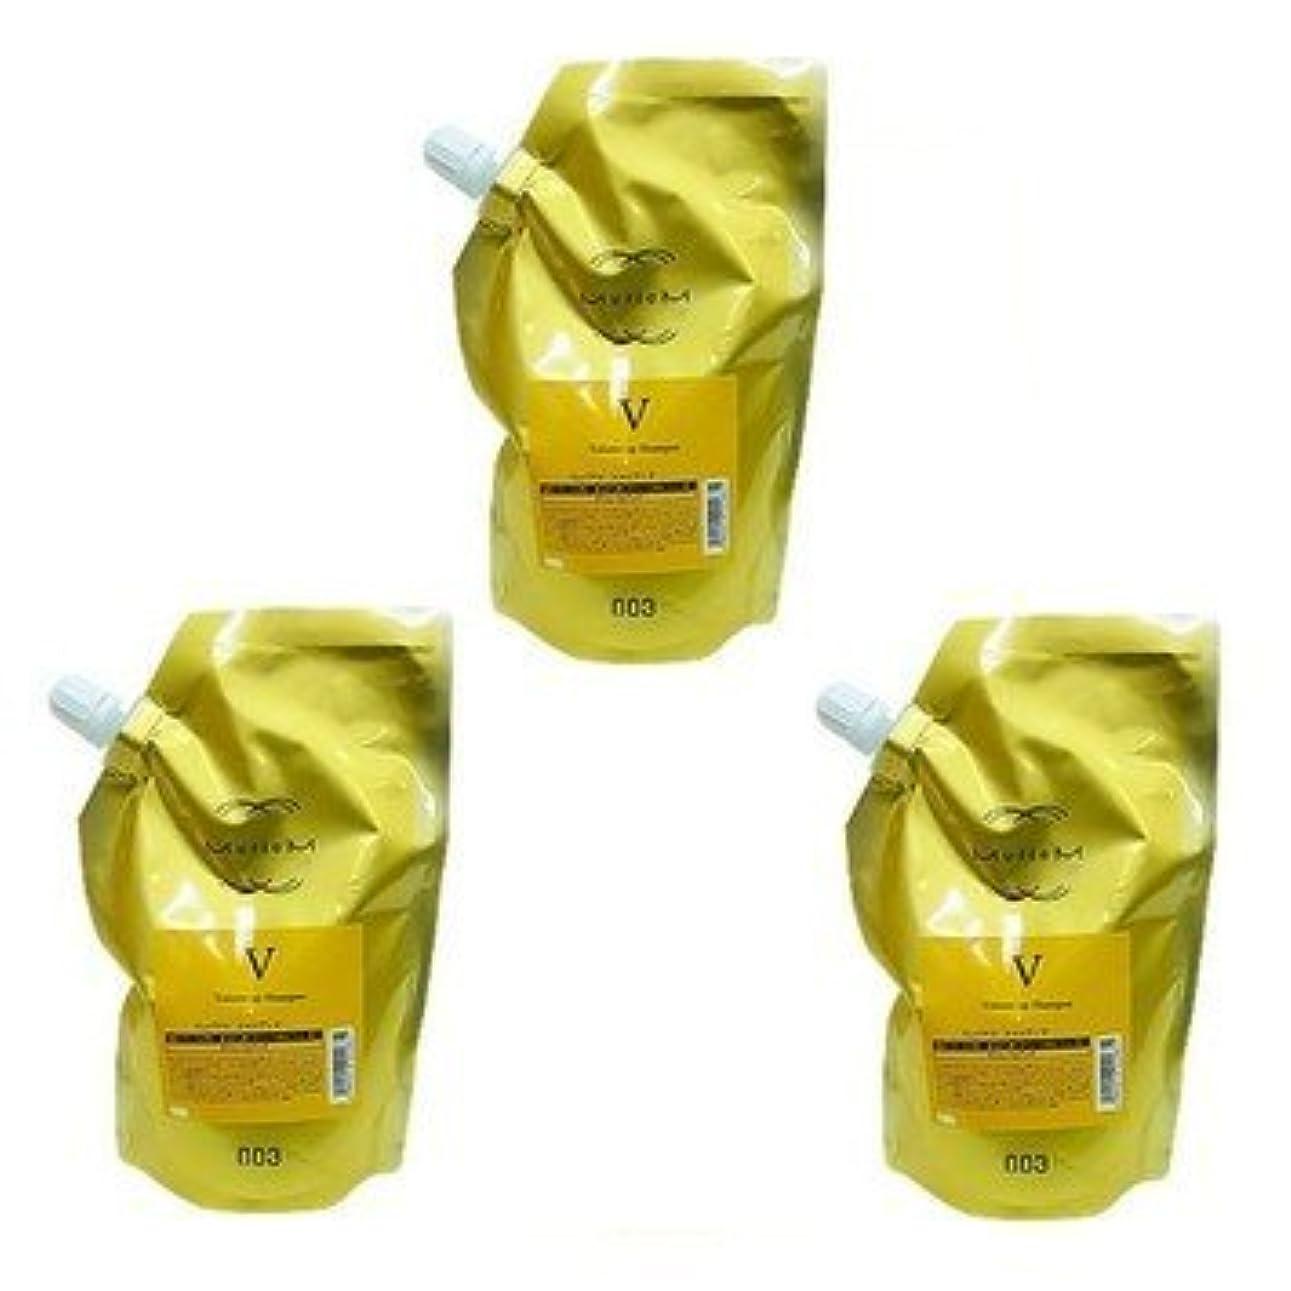 雇うミニスピン【X3個セット】 ナンバースリー ミュリアム ゴールド シャンプー V 500ml 詰替え用